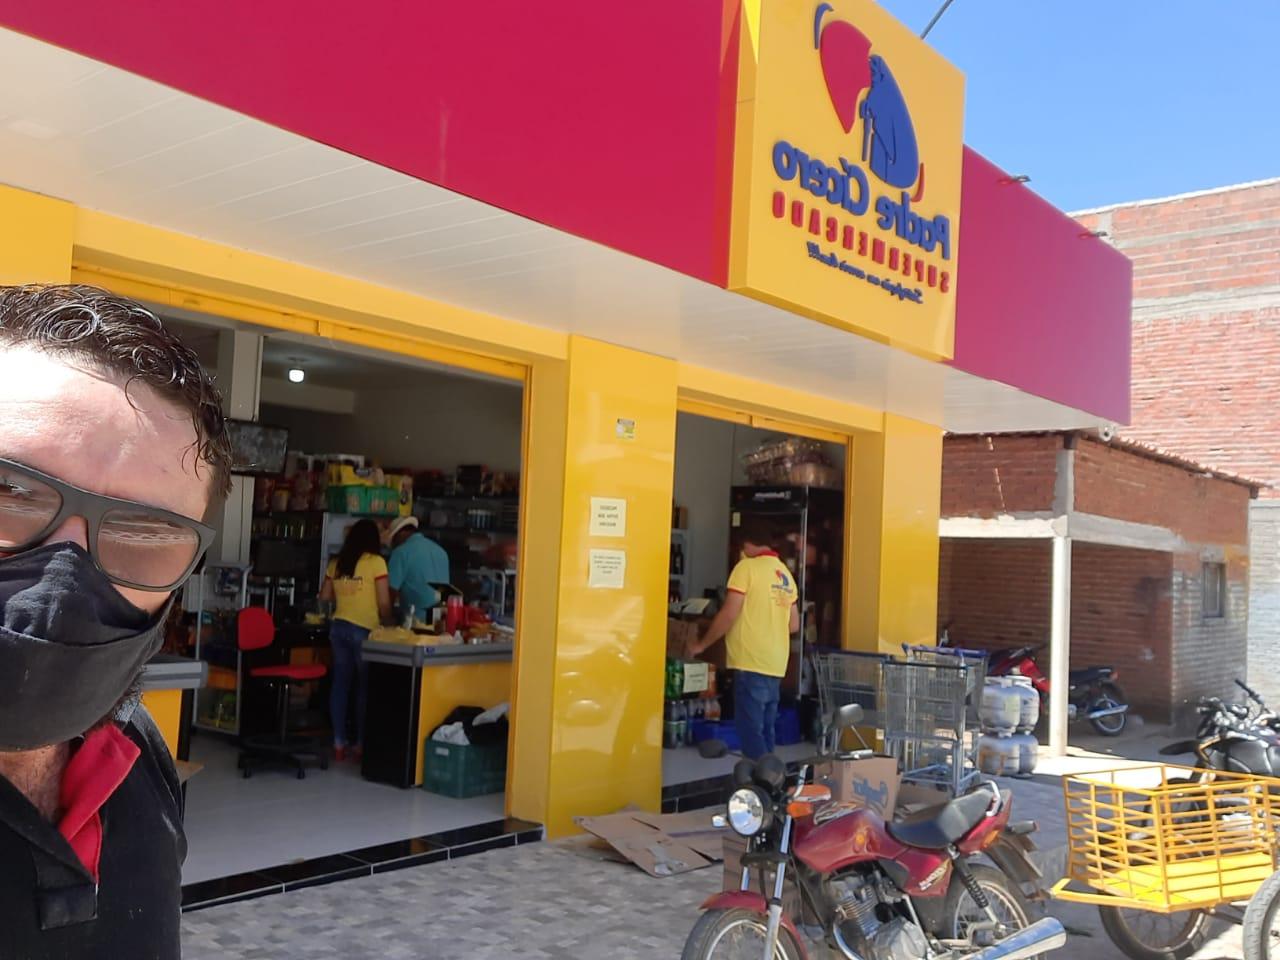 Inauguração do Padre Cícero Supermercado em Mato Grosso